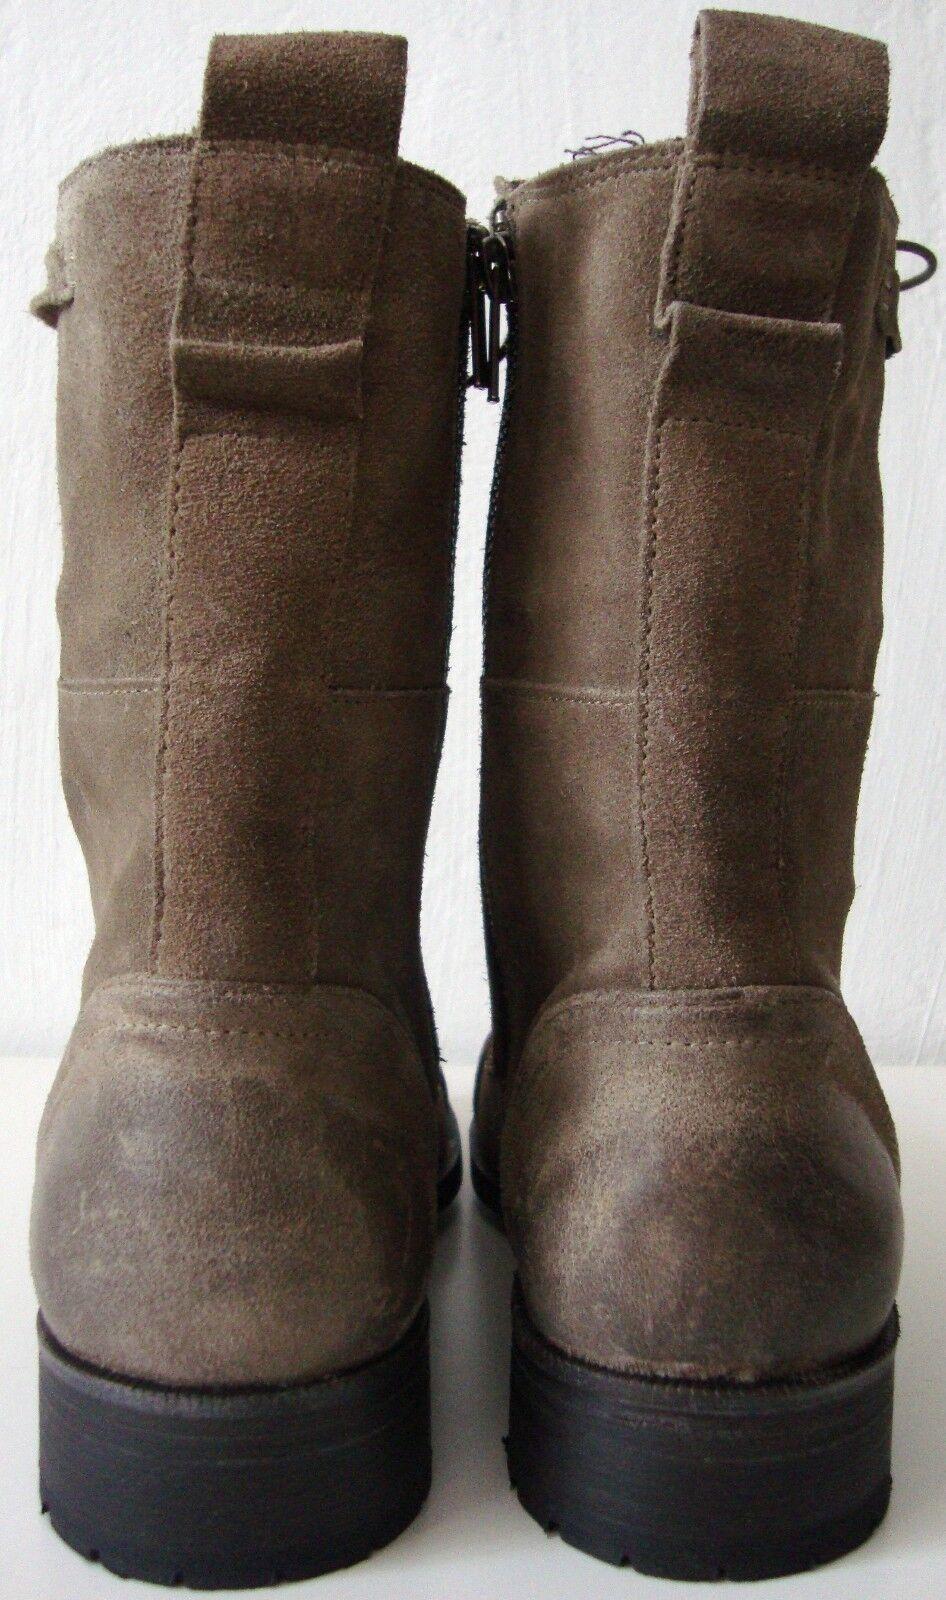 DIESEL Stiefel Herren Kurzschaft Stiefel Knöchelstiefel Gr.43 Schuhe Echtleder Gr.43 Knöchelstiefel NEU b5f893